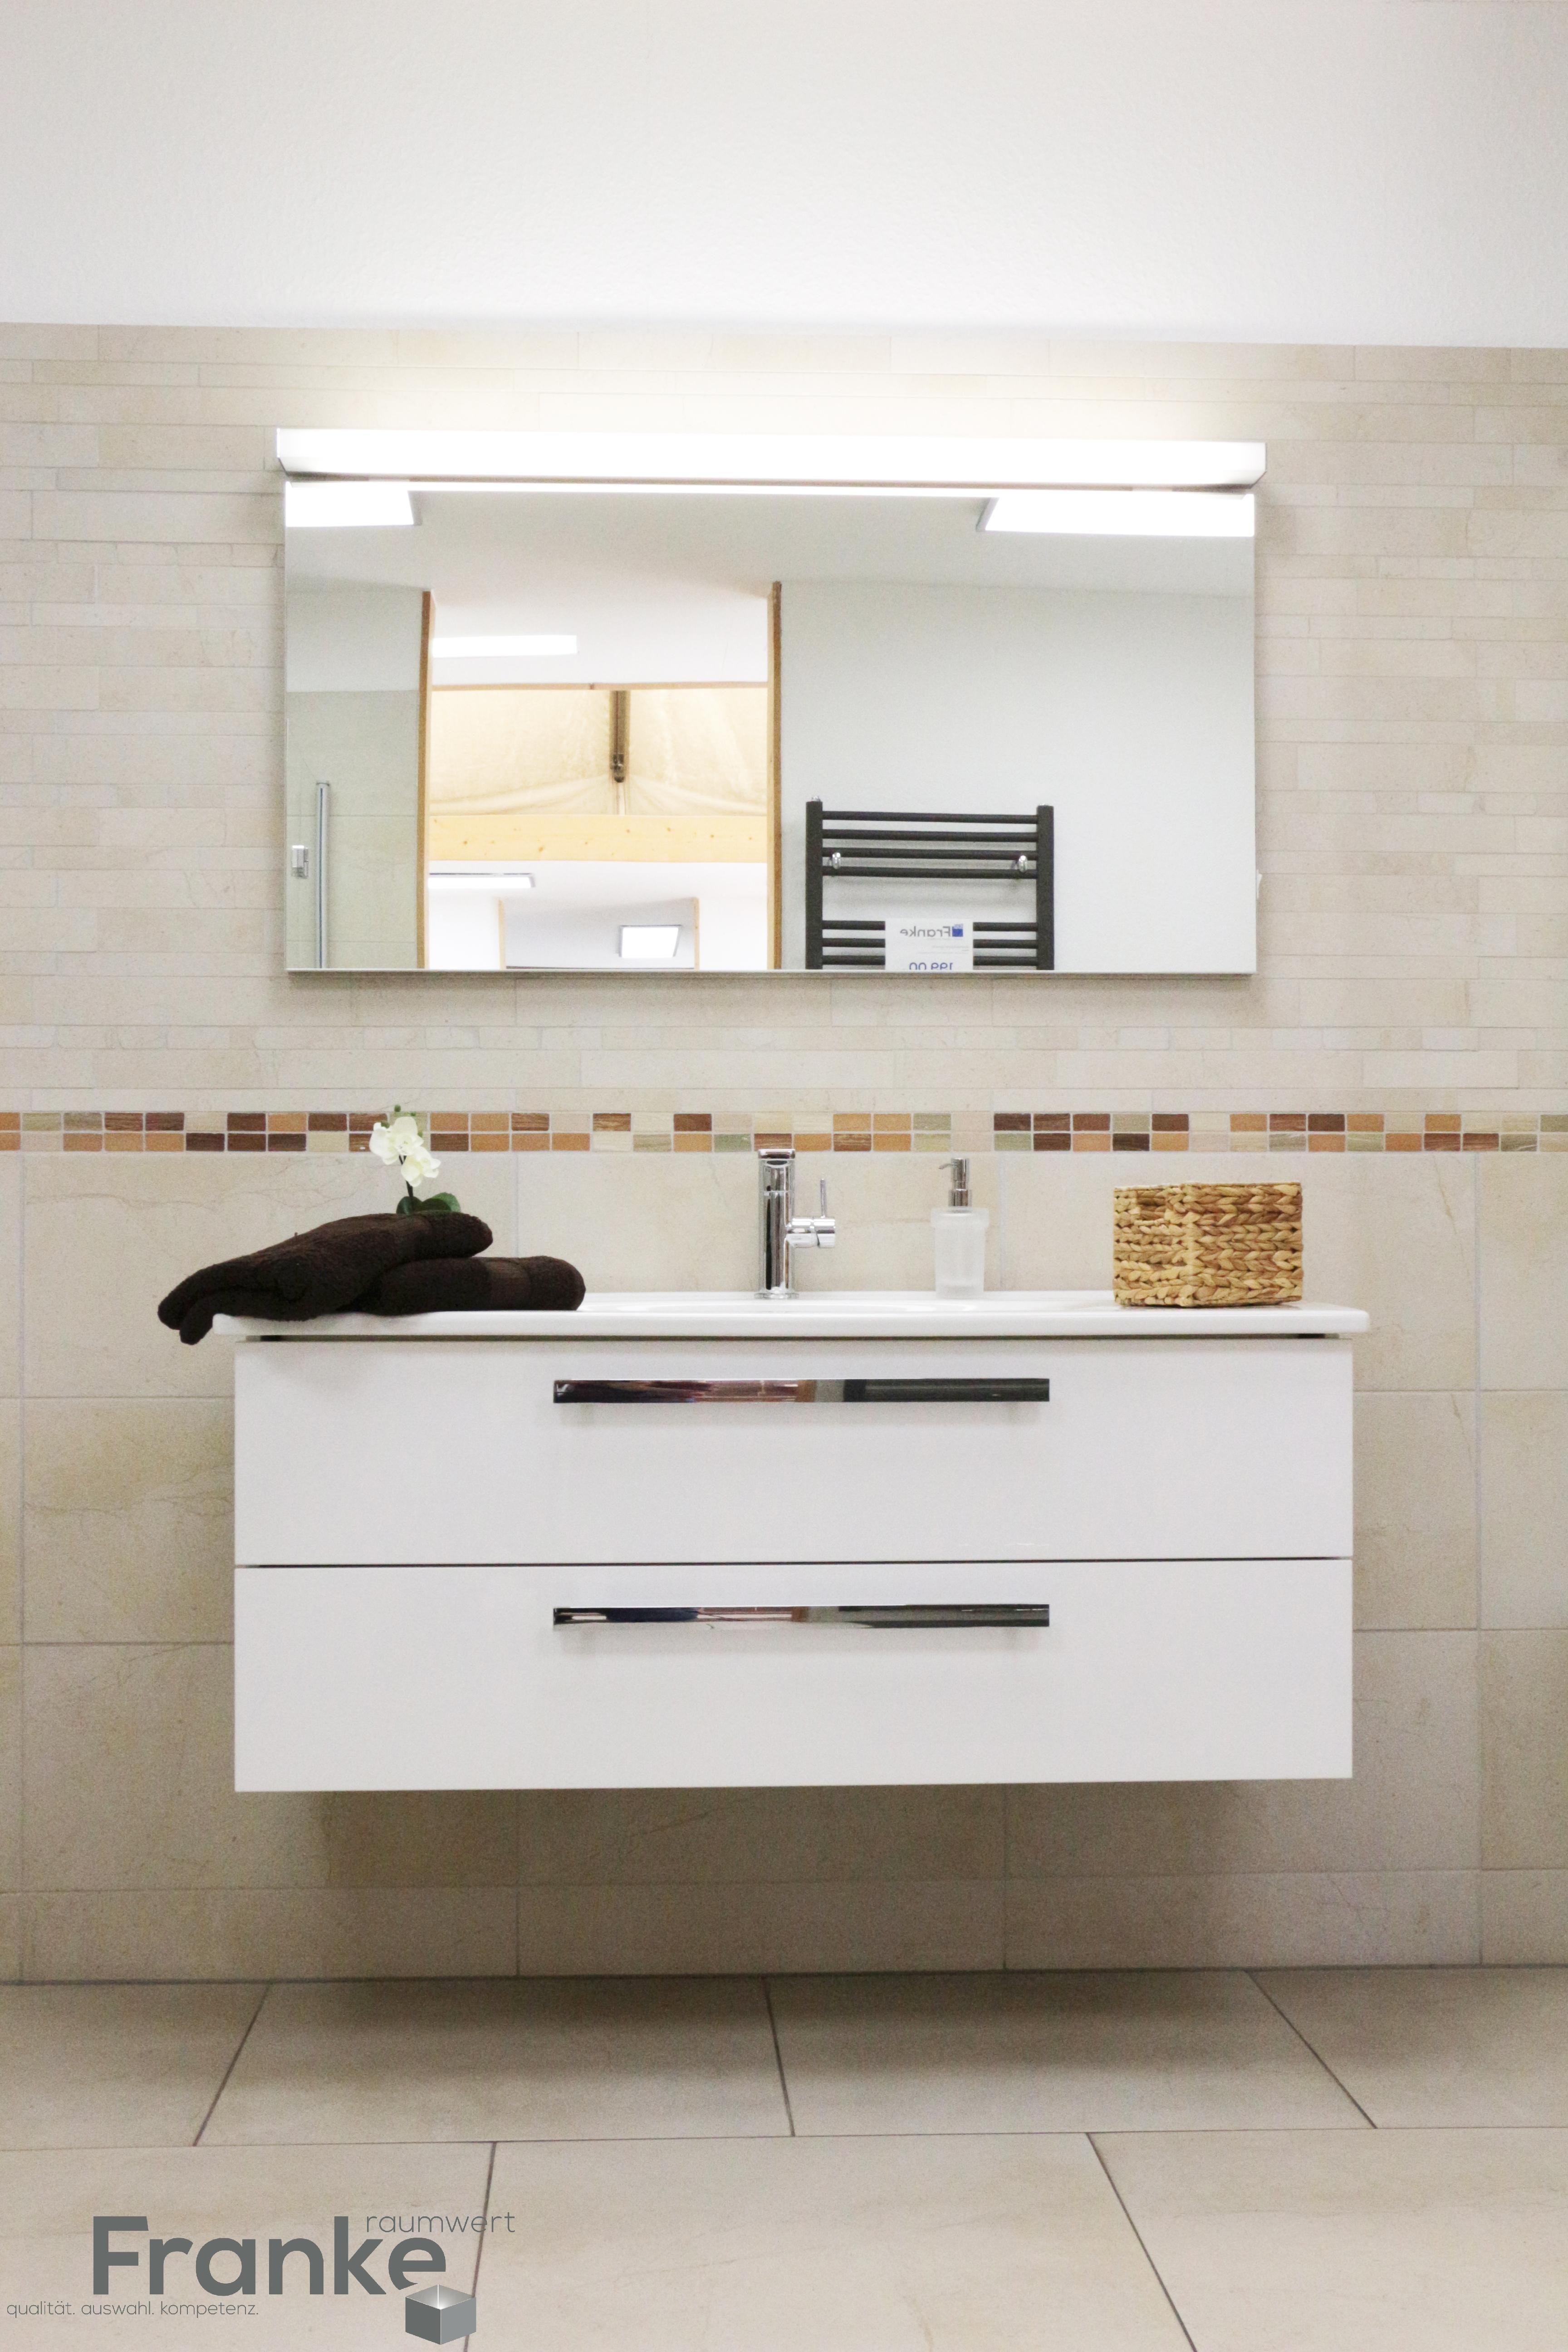 Waschtischanlage Mit Zwei Auszugen Bad Badezimmer Fliesen Waschtisch Waschbecken Spiegel Gastewc Badezimmer Aufbewahrung Wandfliesen Kuche Badezimmer